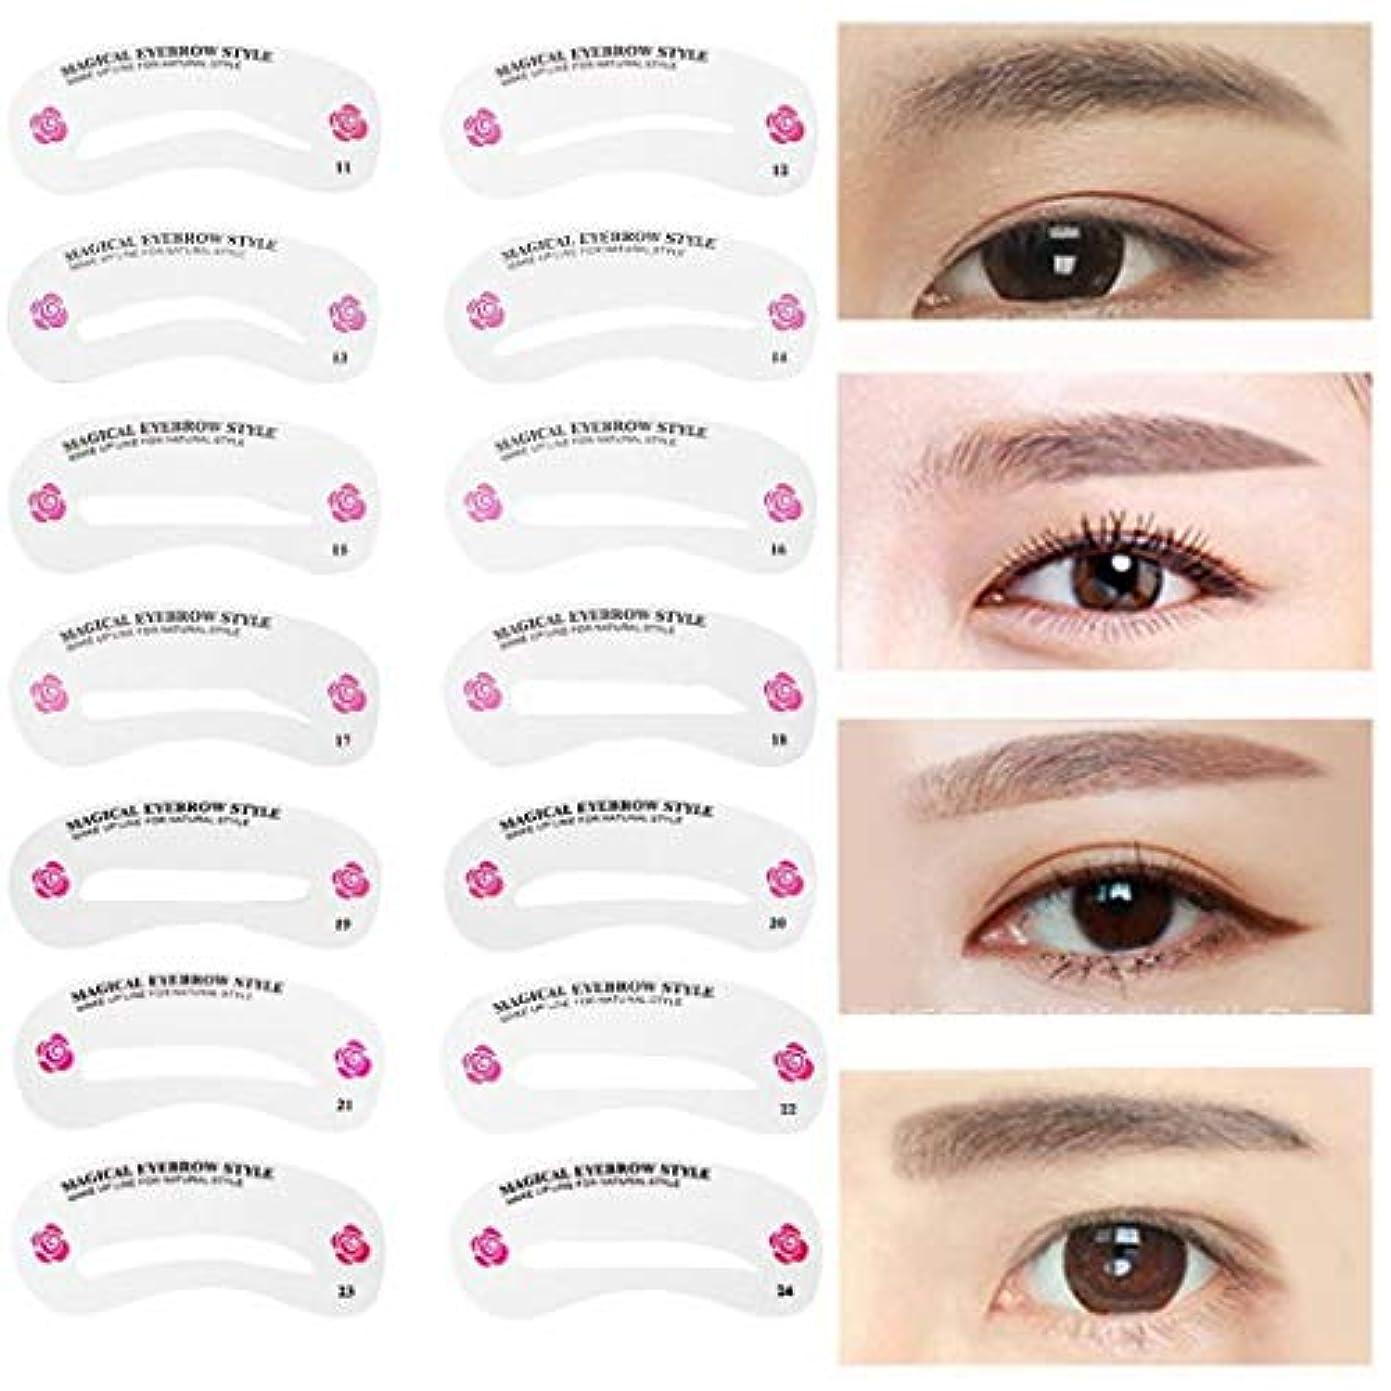 特異なフリンジ瞳24種類 眉毛テンプレート24枚セット 太眉対応 24パターン 眉毛を気分で使い分け 眉用ステンシル